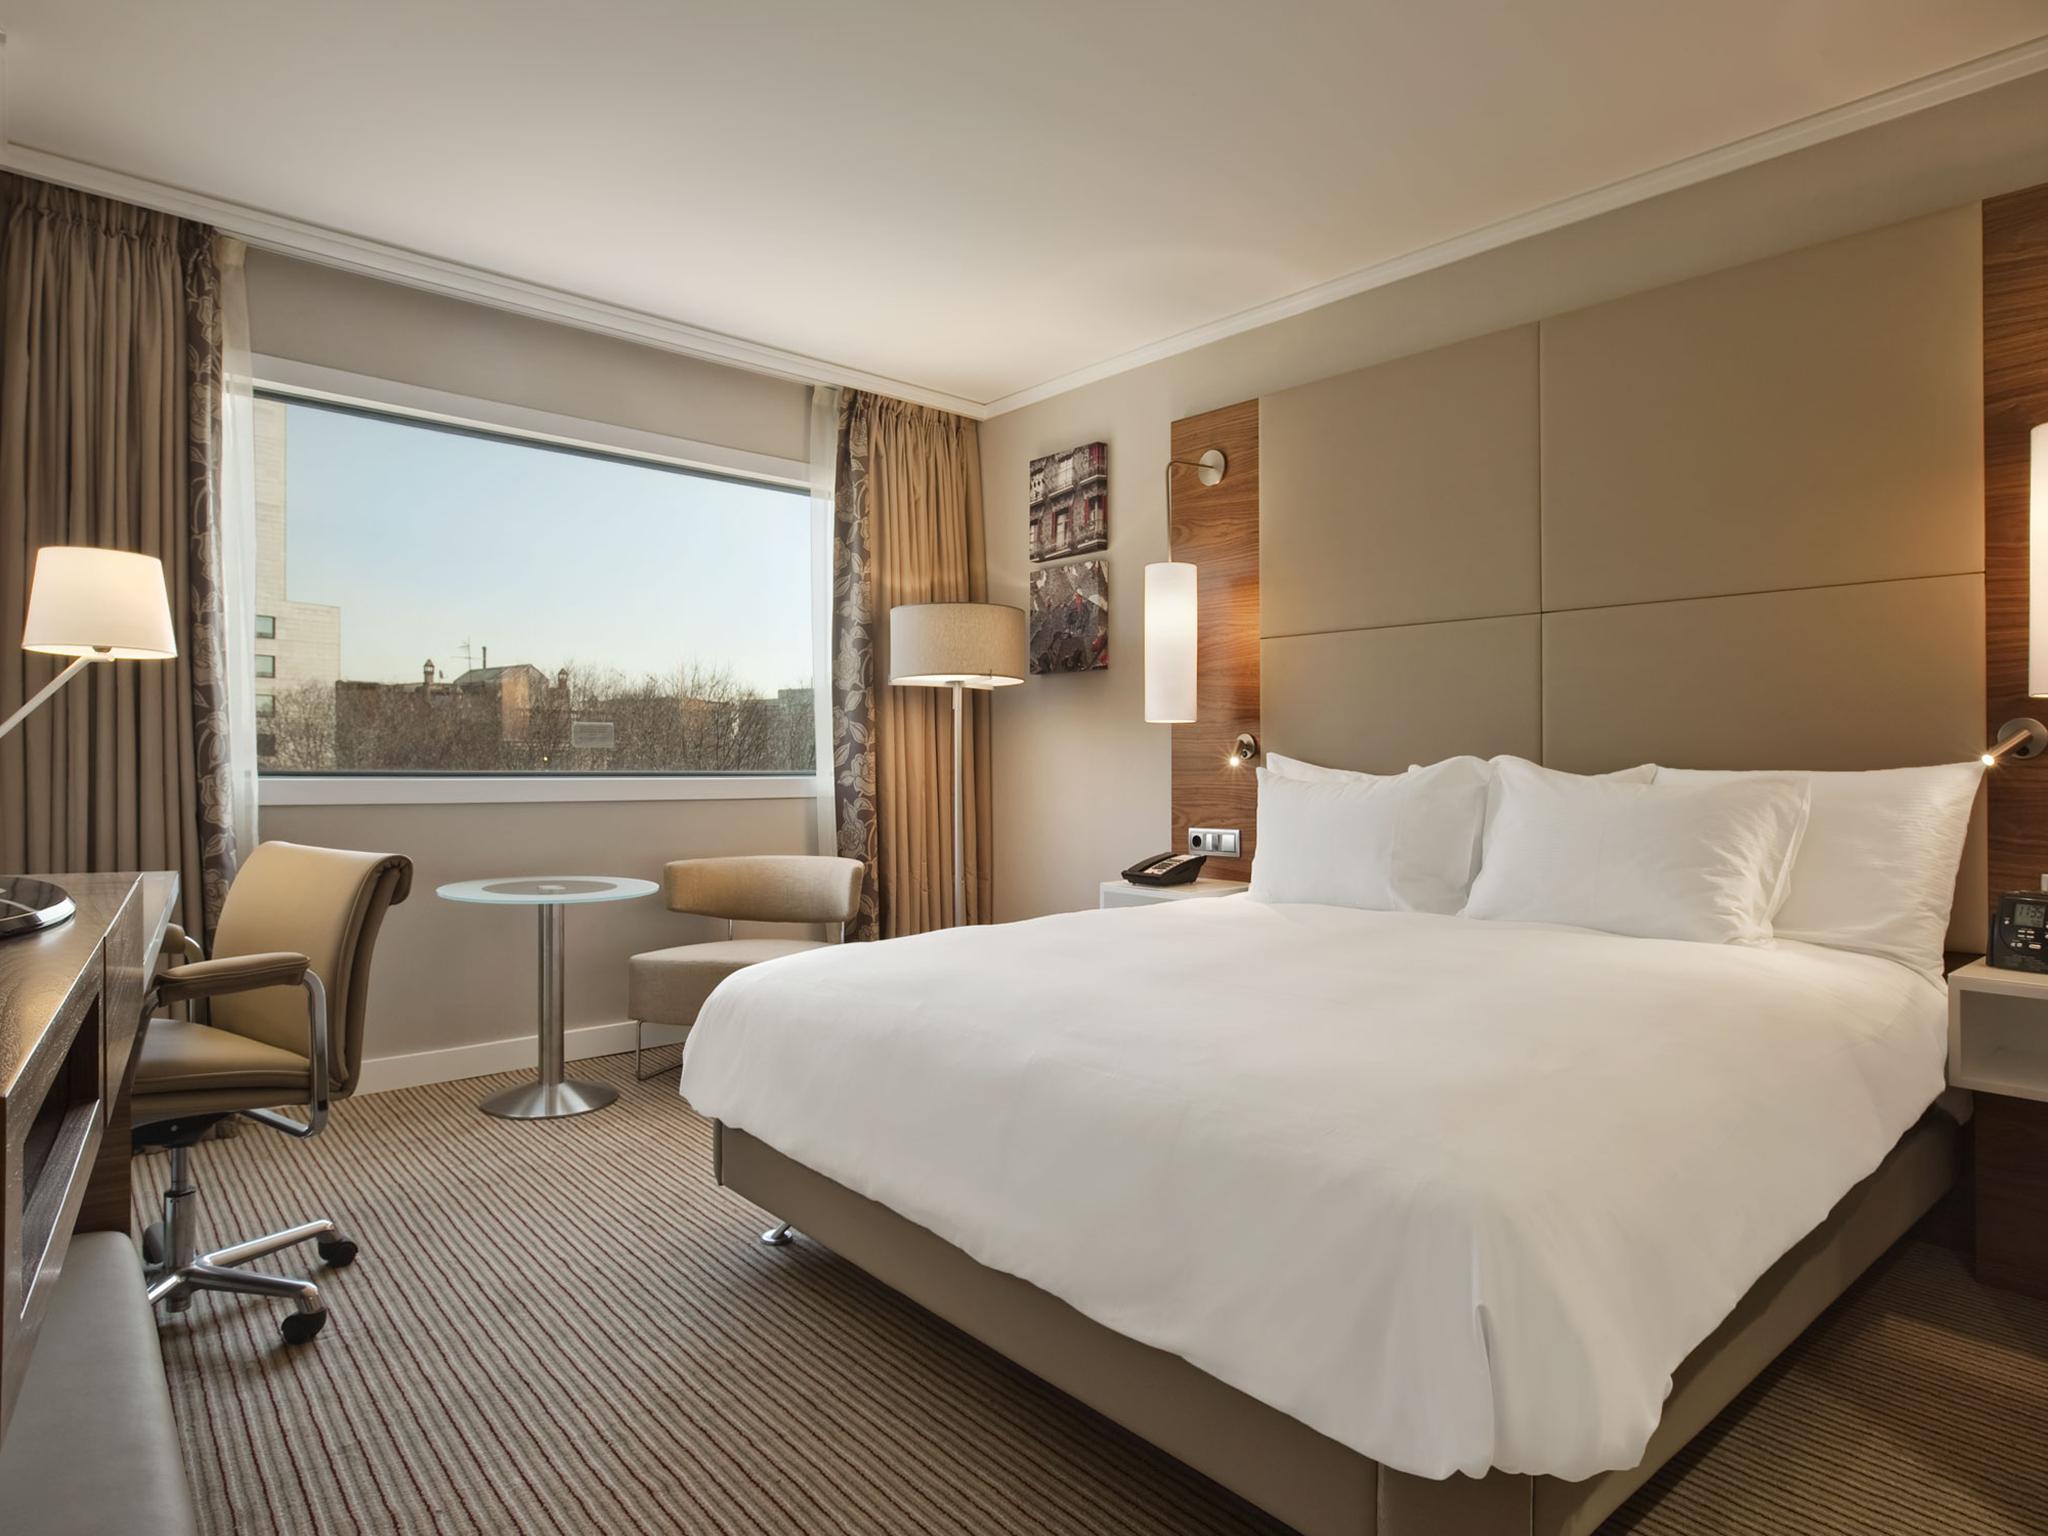 Alojamiento en el centro de la ciudad de barcelona hotel - Decoracion habitaciones de hotel ...